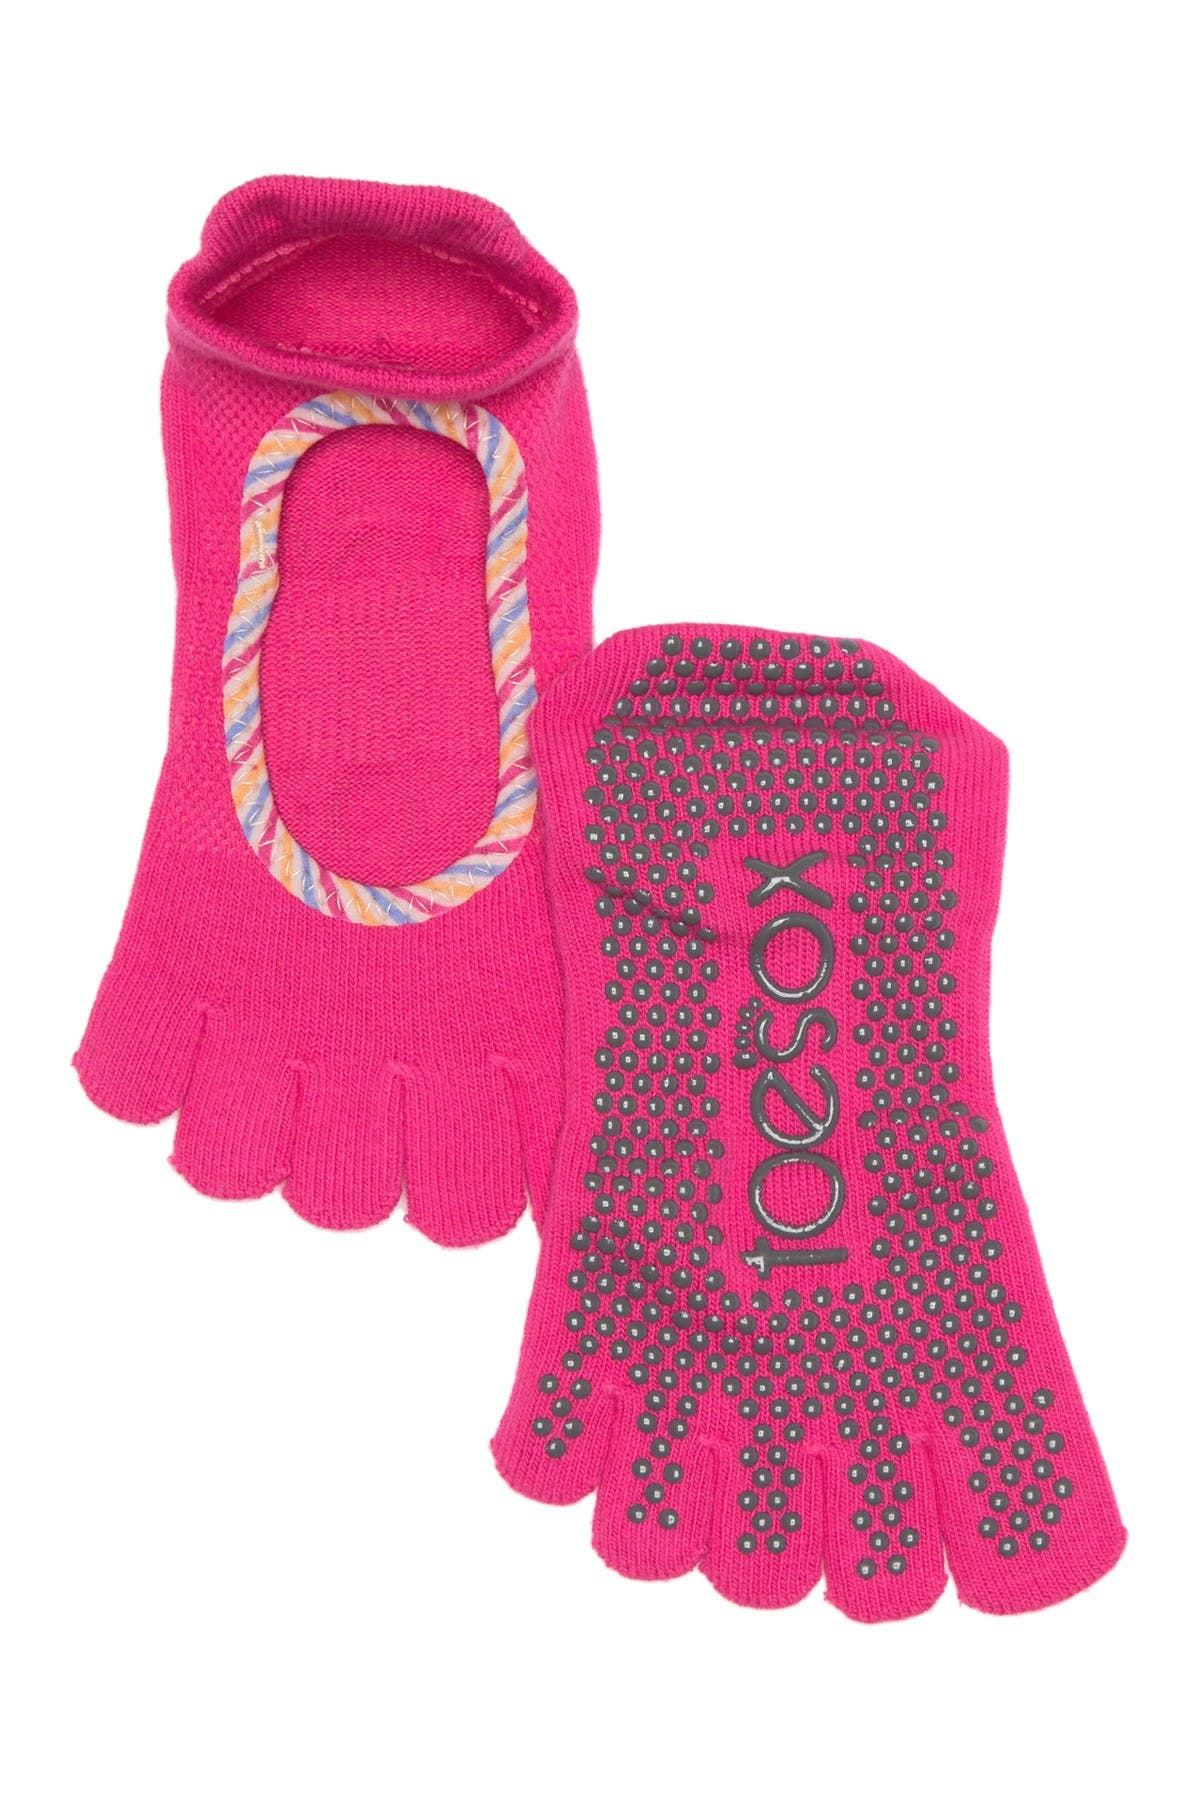 Image of ToeSox Full Toe Bellarina Grip Socks